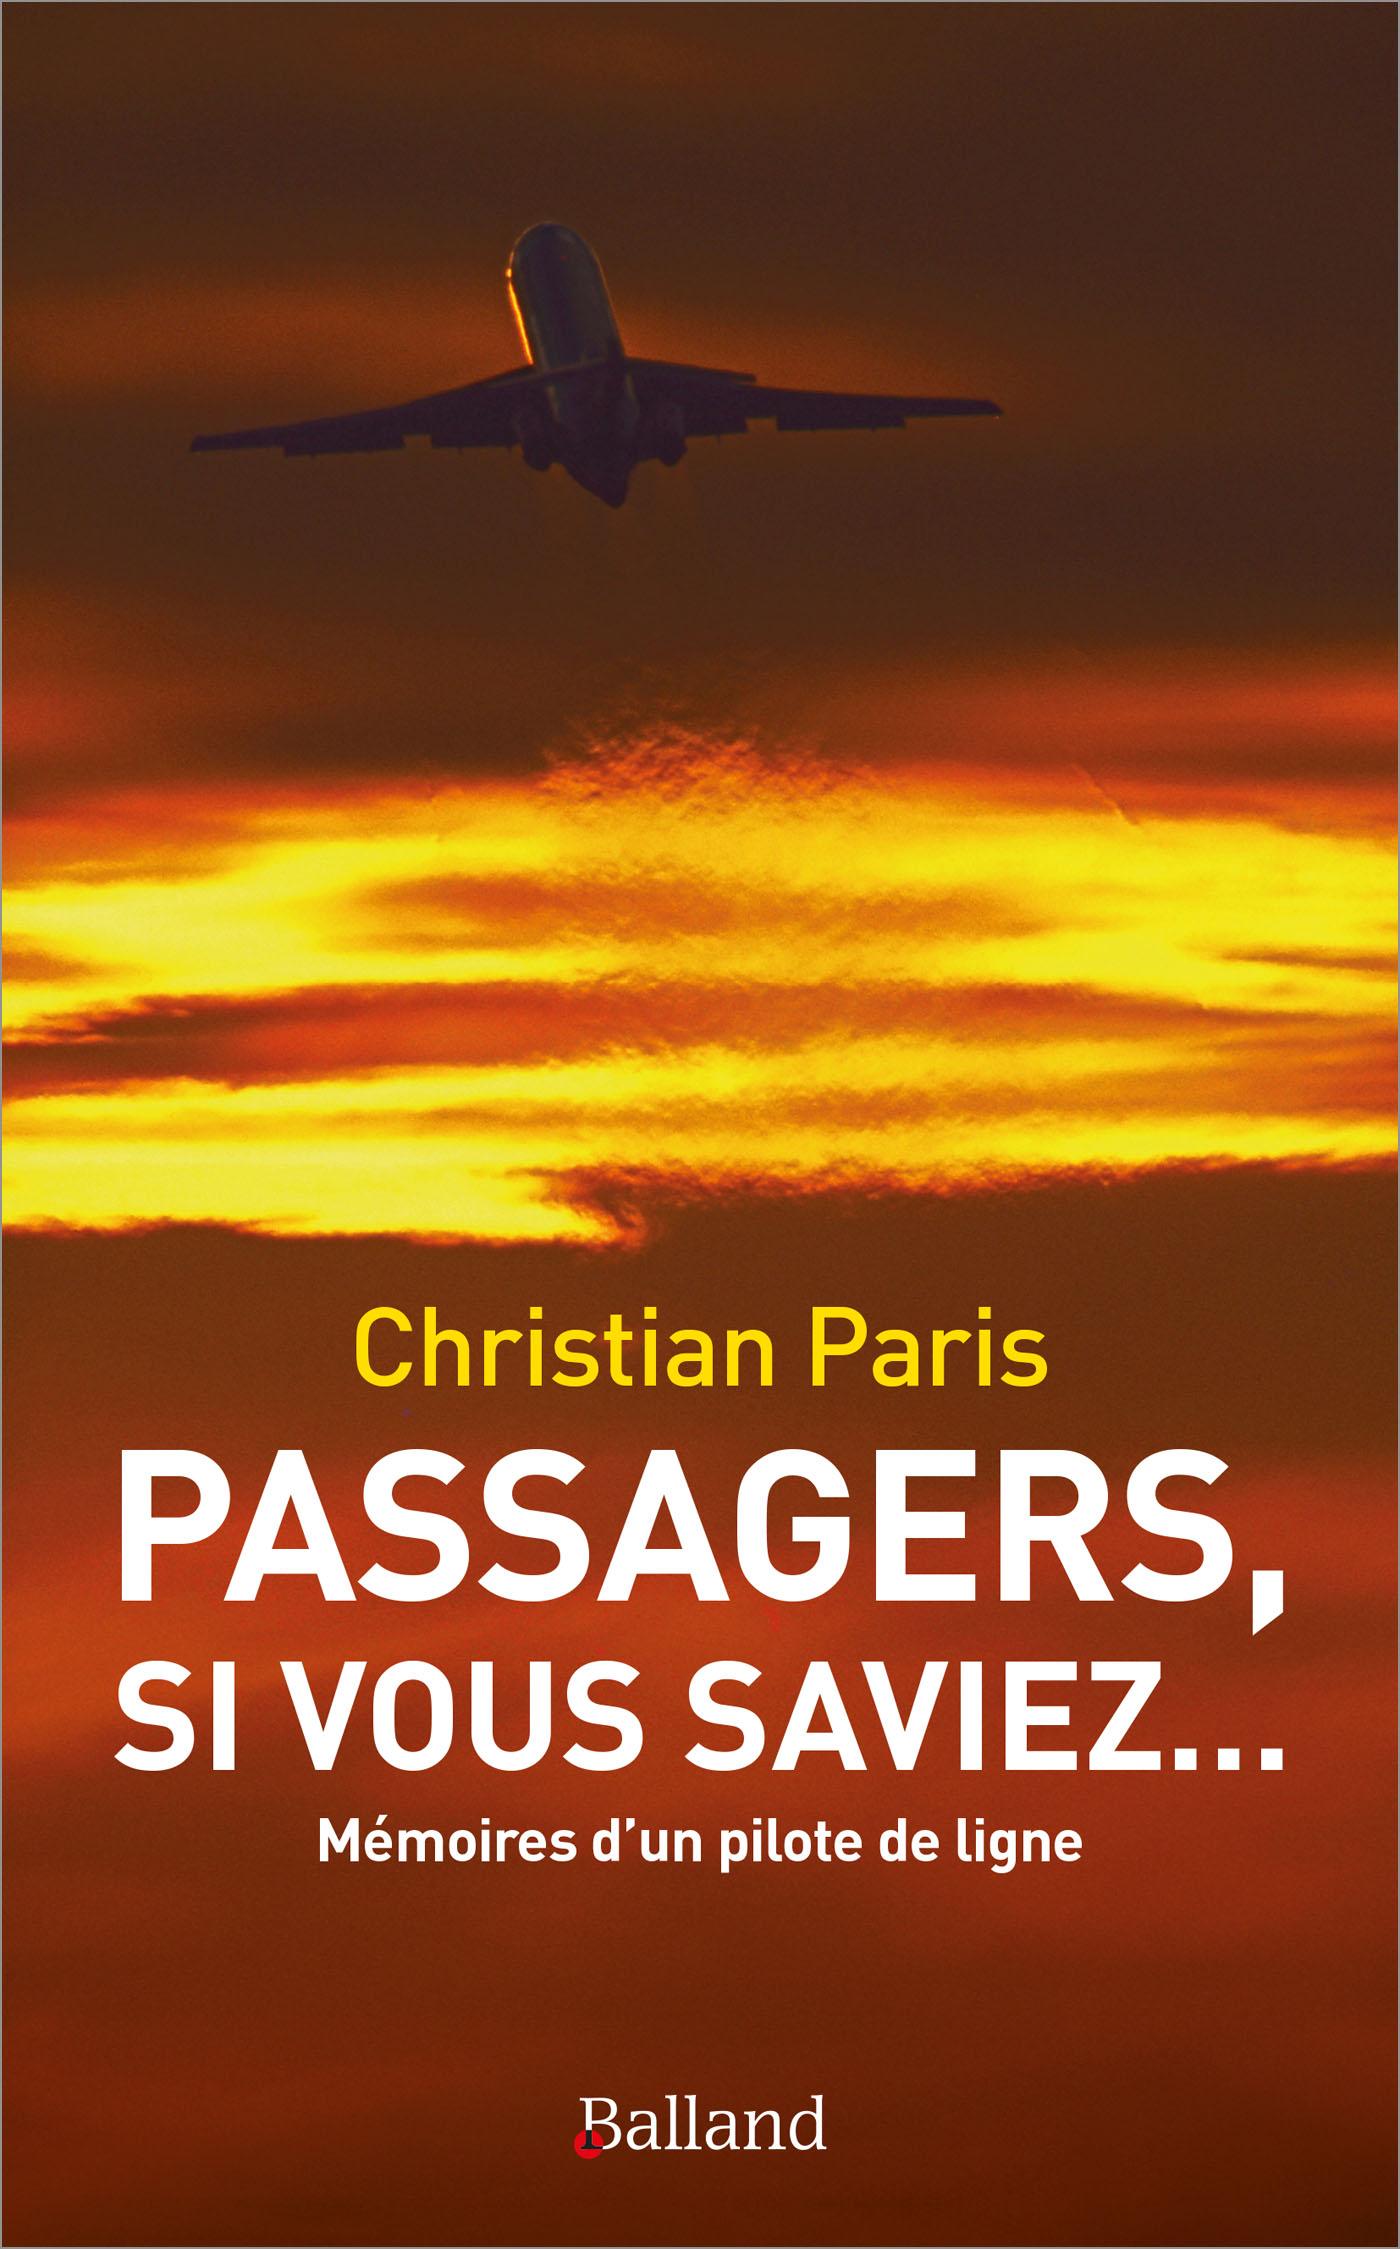 Passagers, si vous saviez…